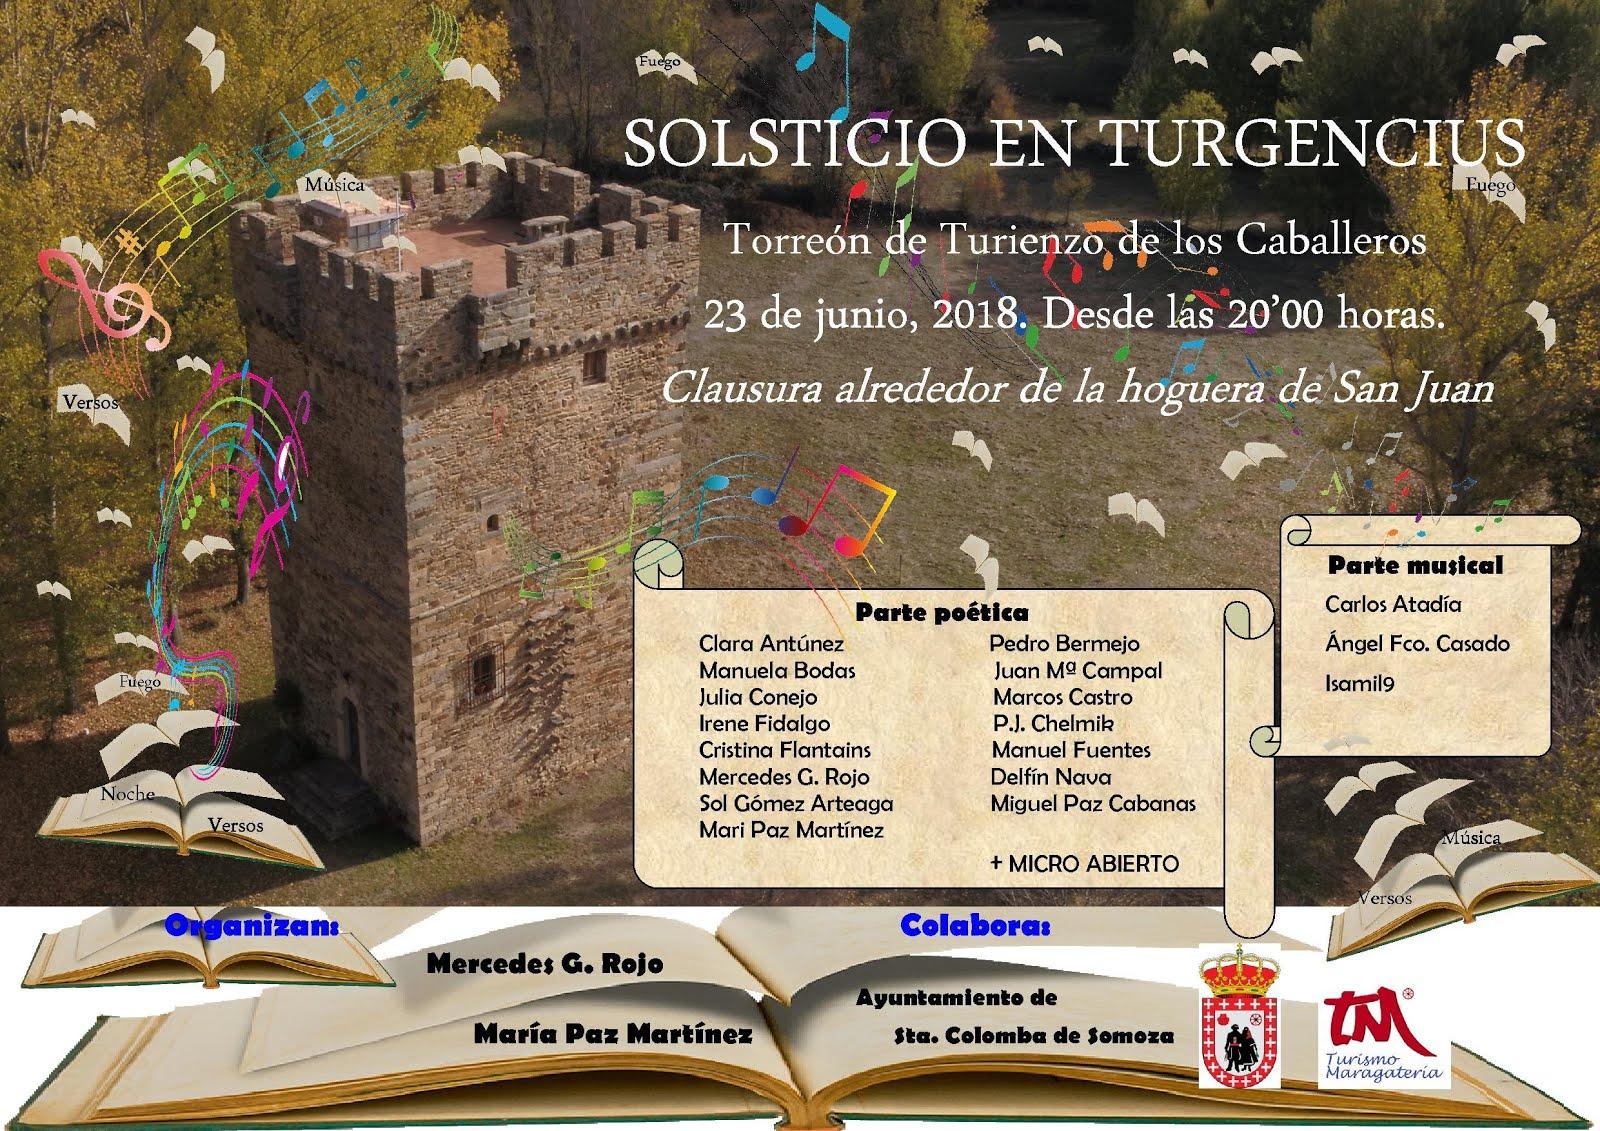 SOLSTICIO EN TURGENCIUS